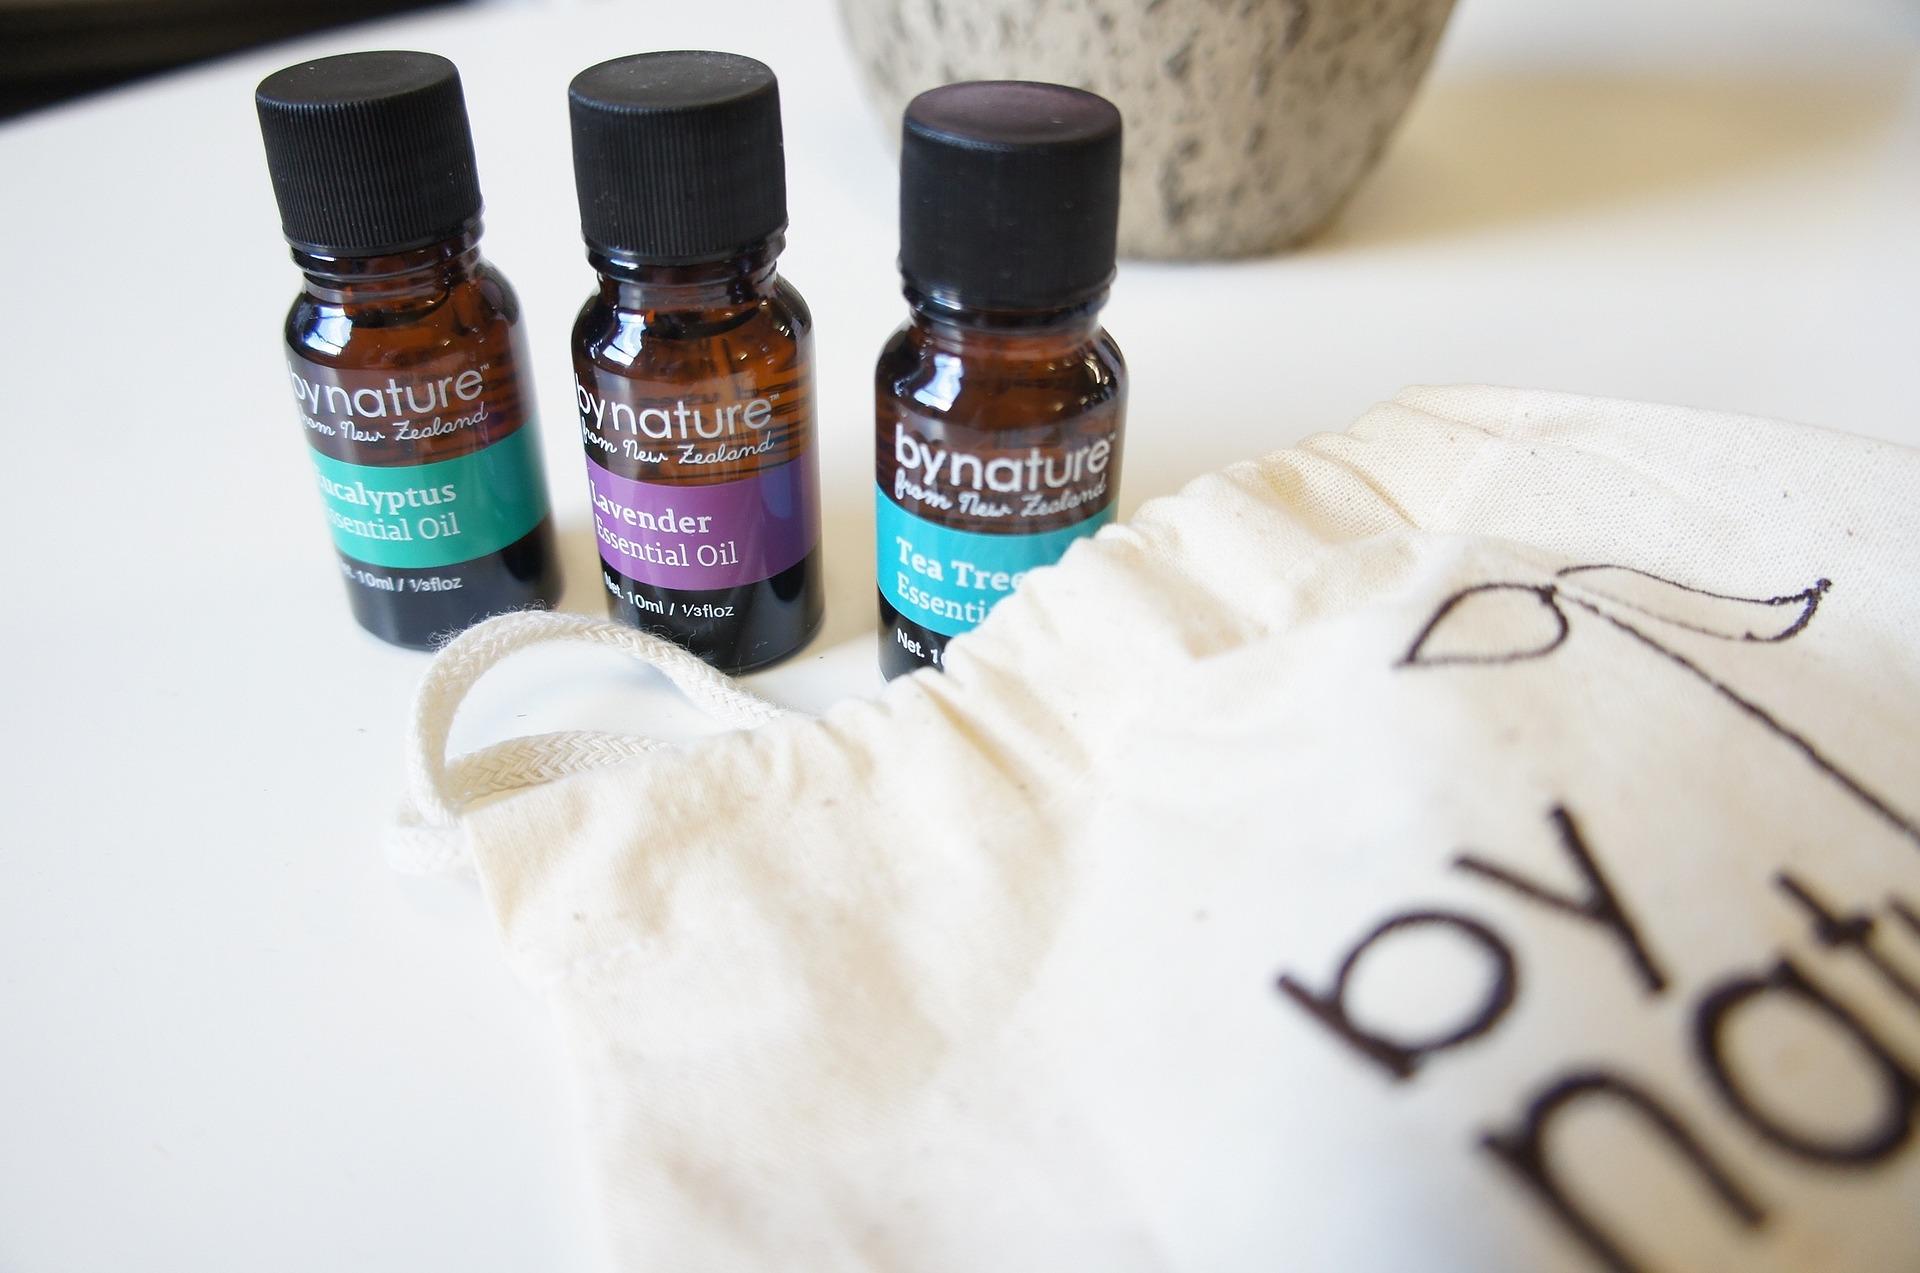 Essential Oils for Headaches: three oil bottles